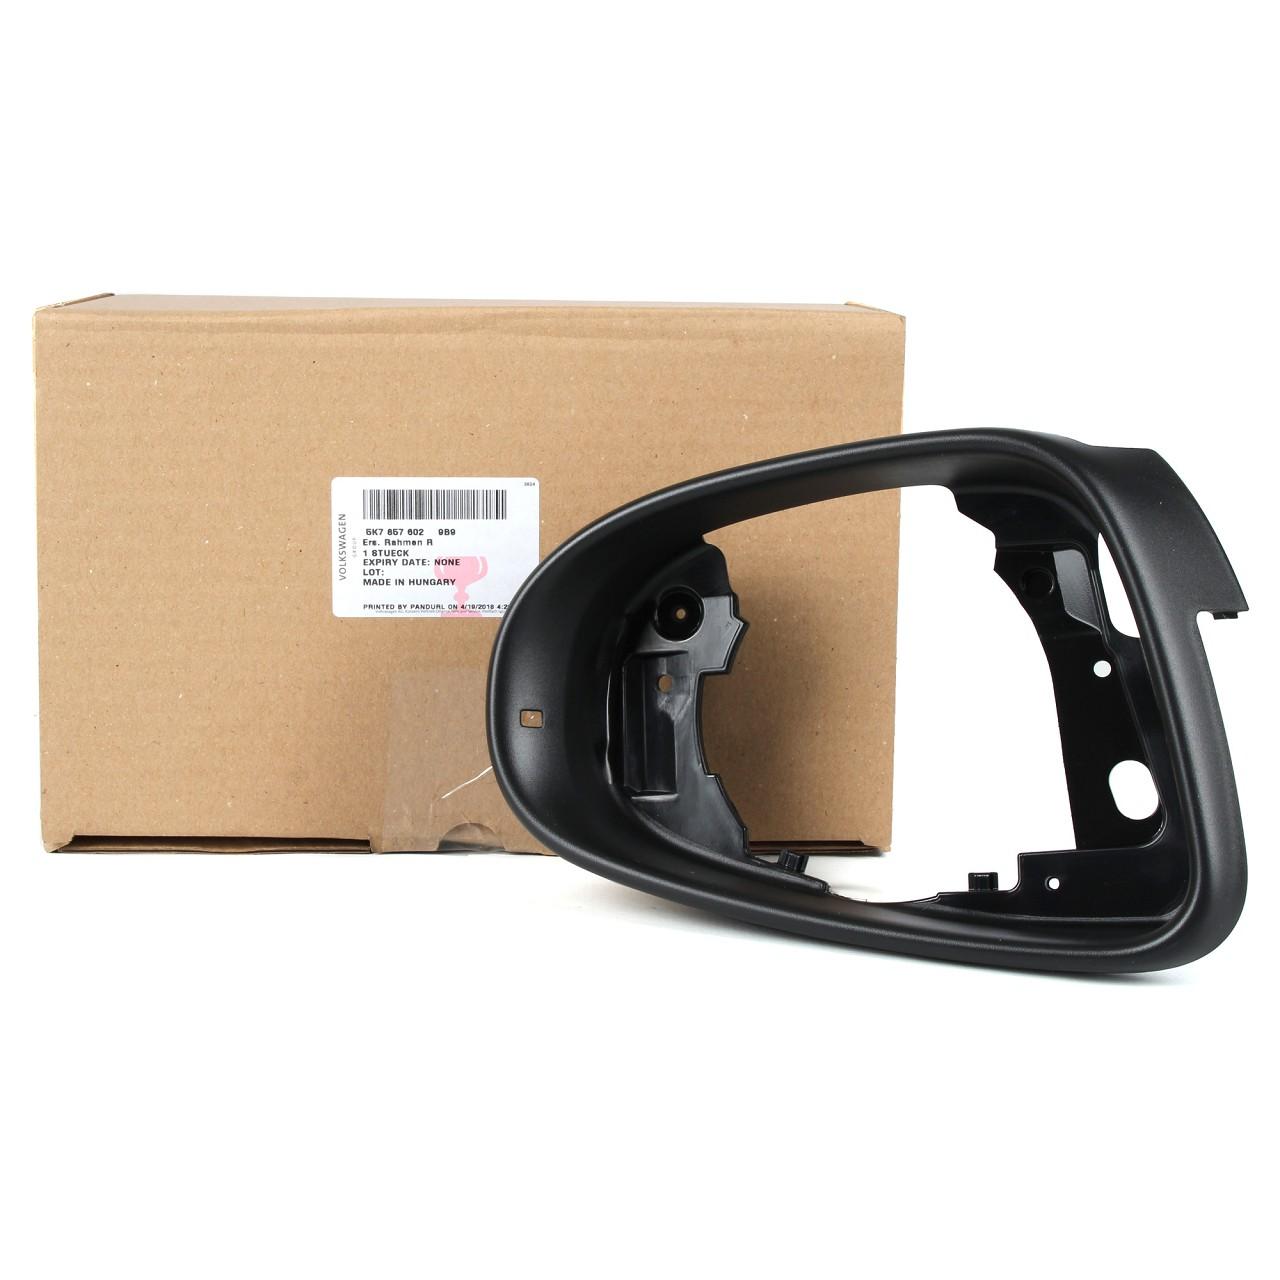 ORIGINAL VW Rahmen Blende Außenspiegel GOLF 6 TOURAN 1T3 rechts 5K78576029B9